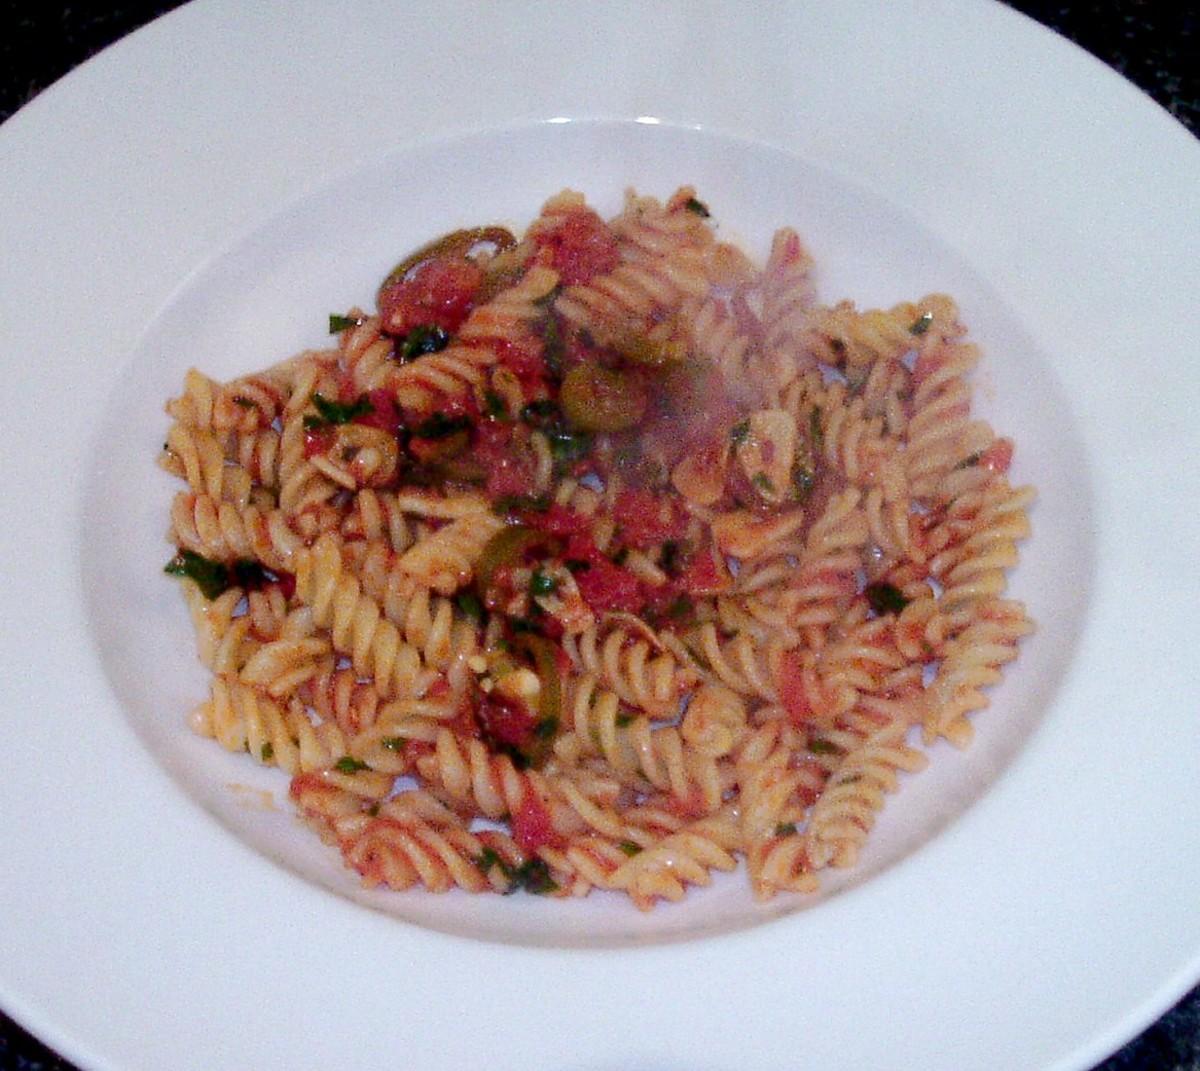 Spicy tomato fusilli pasta